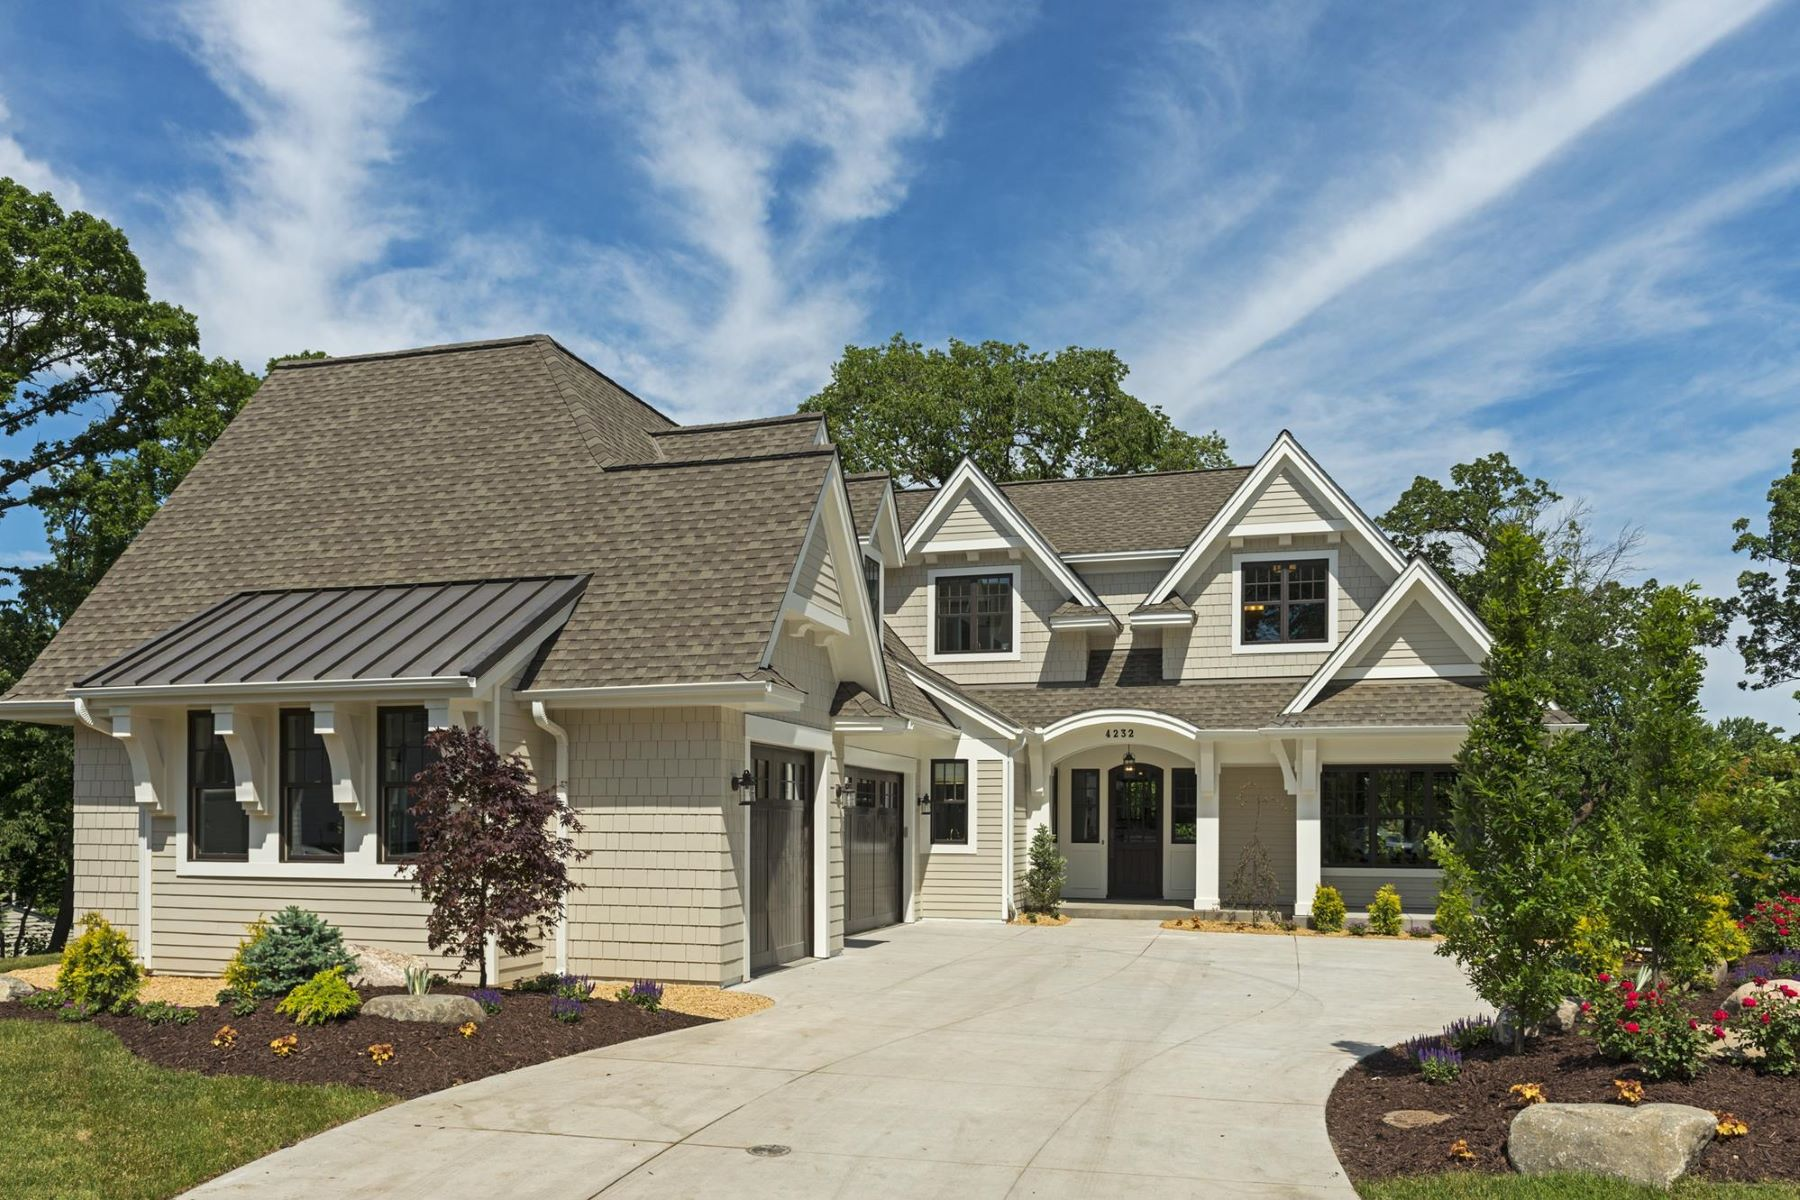 Maison unifamiliale pour l Vente à 4232 Sidell Trail Edina, Minnesota, 55416 États-Unis